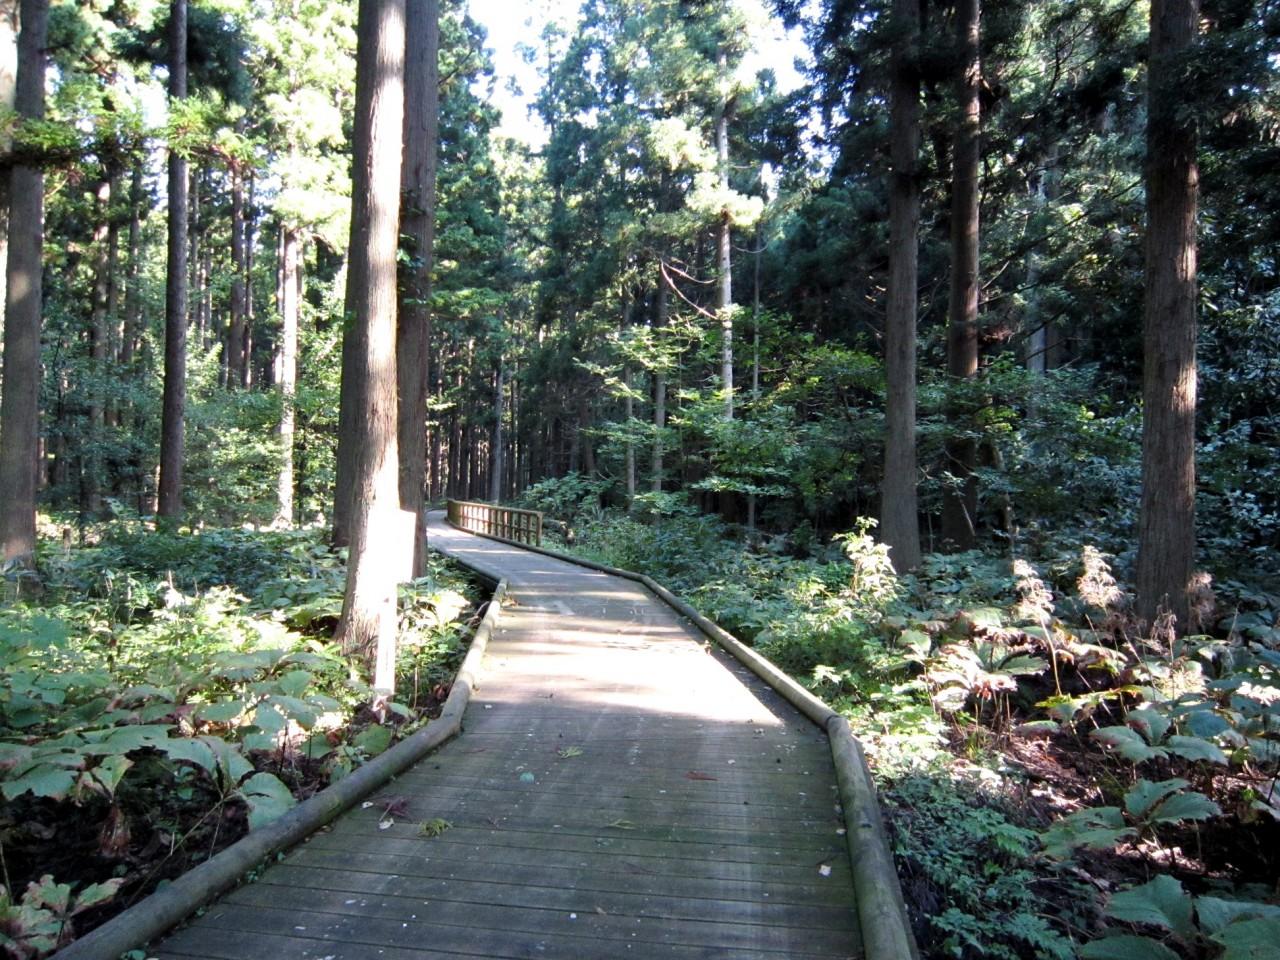 青森 津軽 五所川原市 風景 夏 昼 晴天 森林 遊歩道 散策道